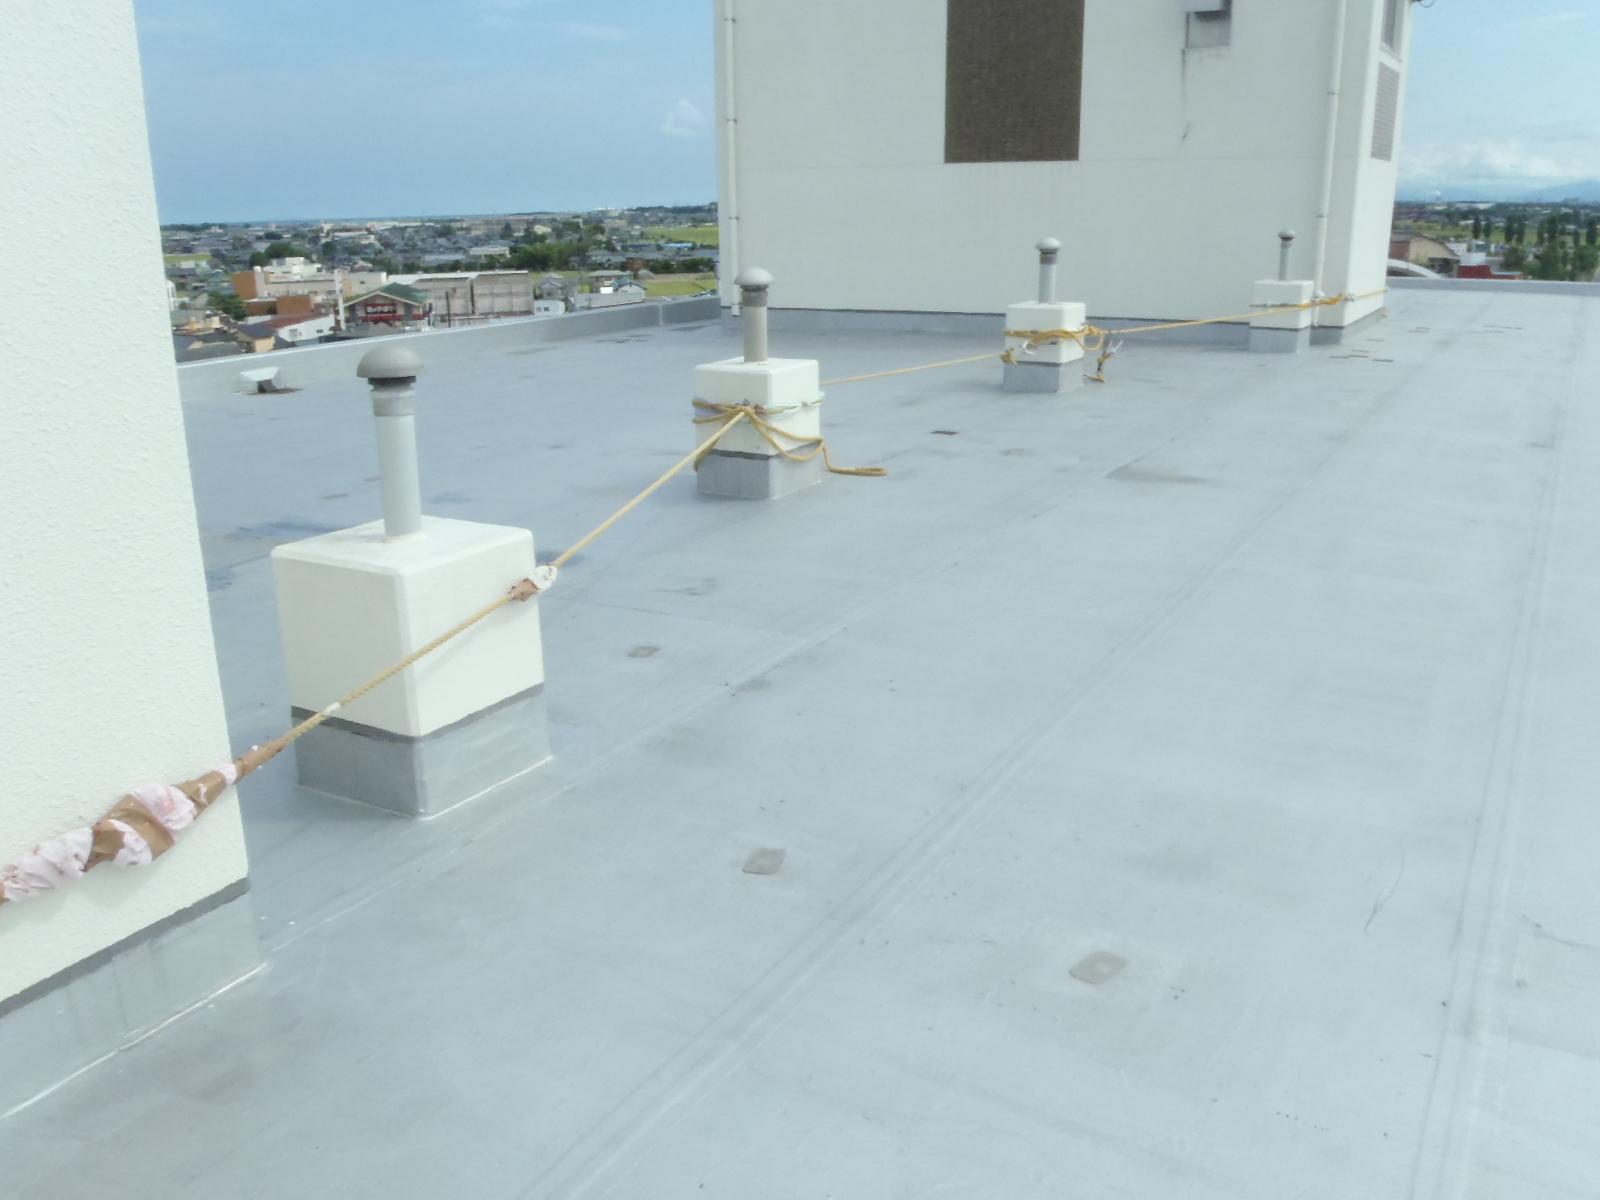 マンションの屋上防水改修工事の転落防止対策